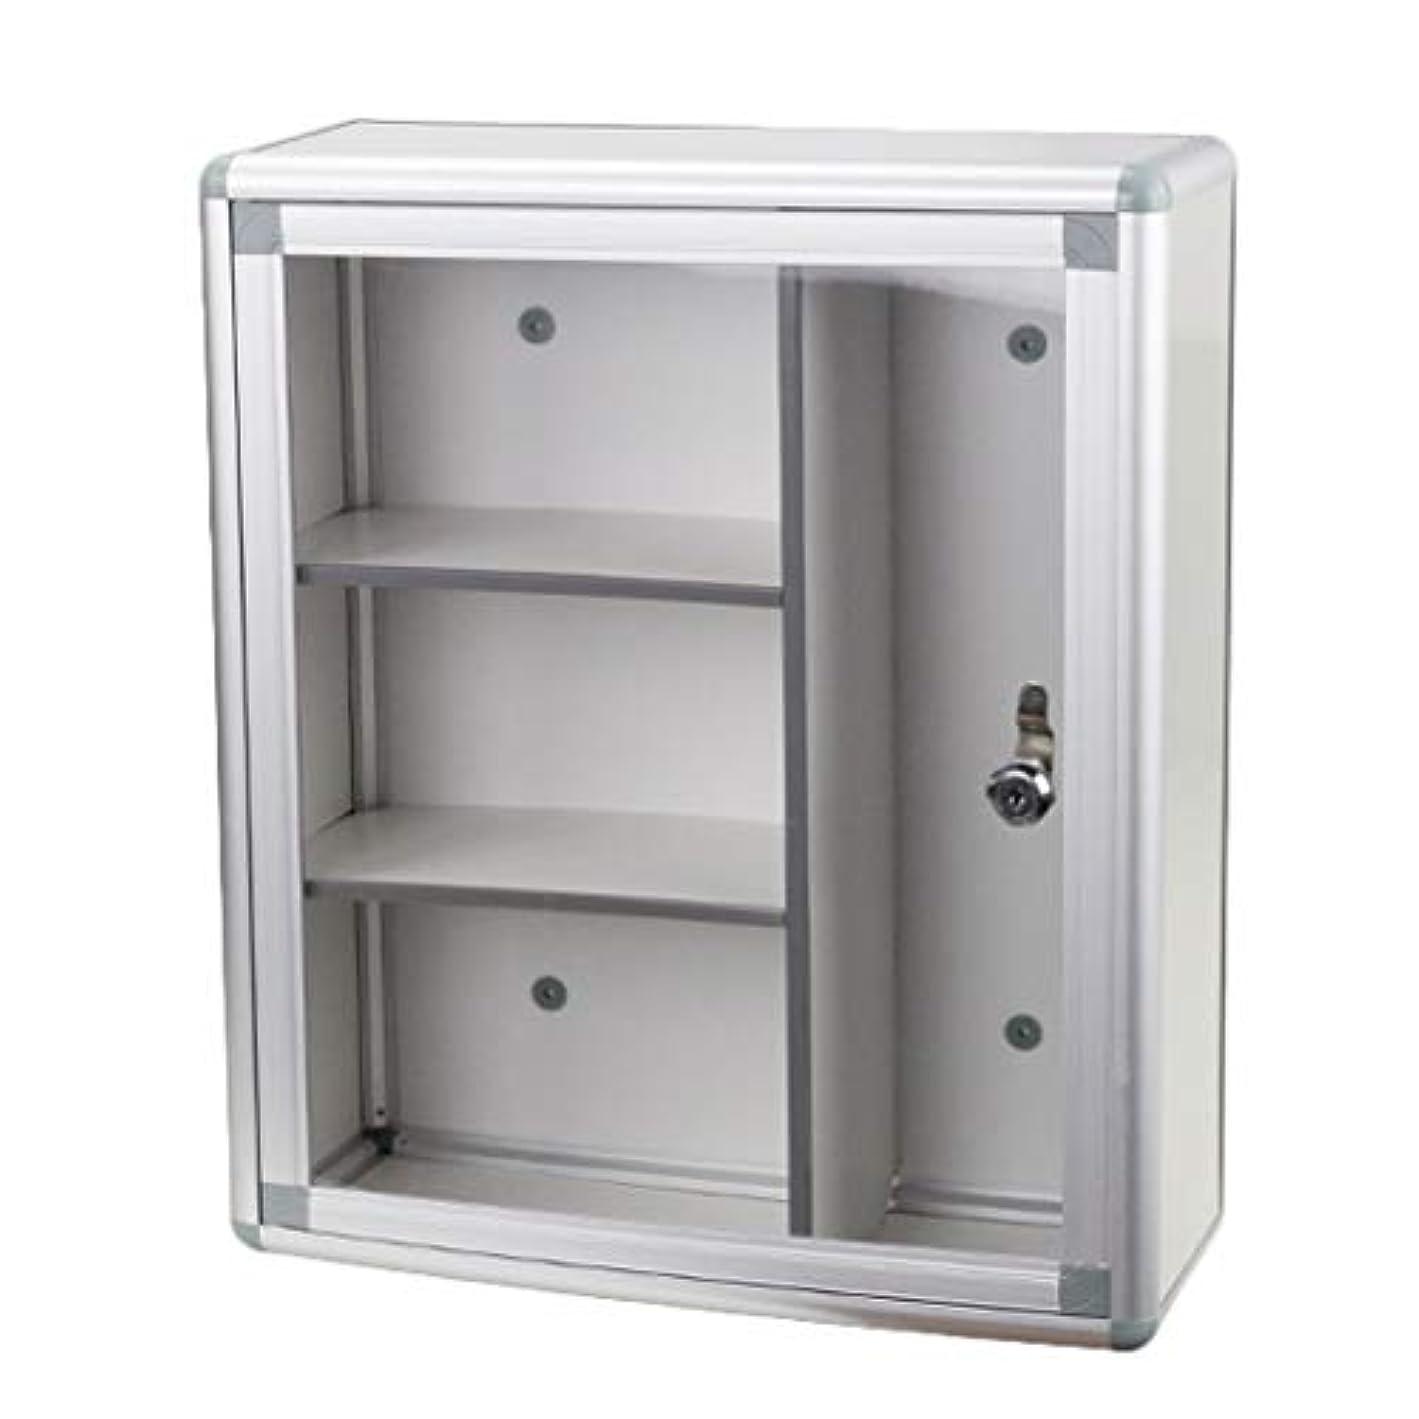 ドリンク漂流ランデブー薬箱アルミ合金家庭用薬箱薬外来救急医療箱収納ボックス (色 : シルバー しるば゜, サイズ さいず : L35cm)